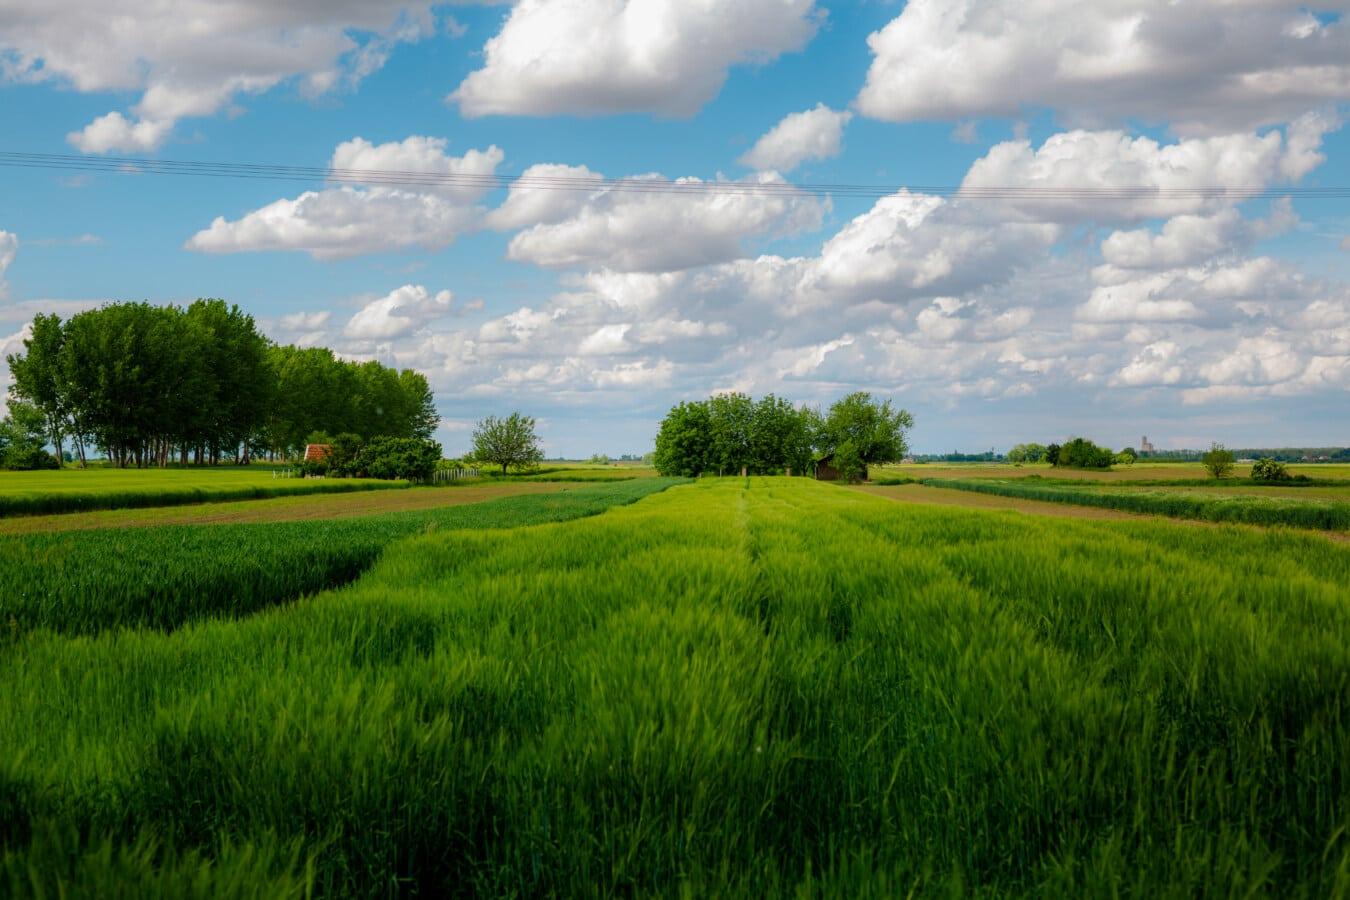 domaine, agricole, champ de blé, l'herbe verte, atmosphère, idyllique, Agriculture, herbe, paysage, blé